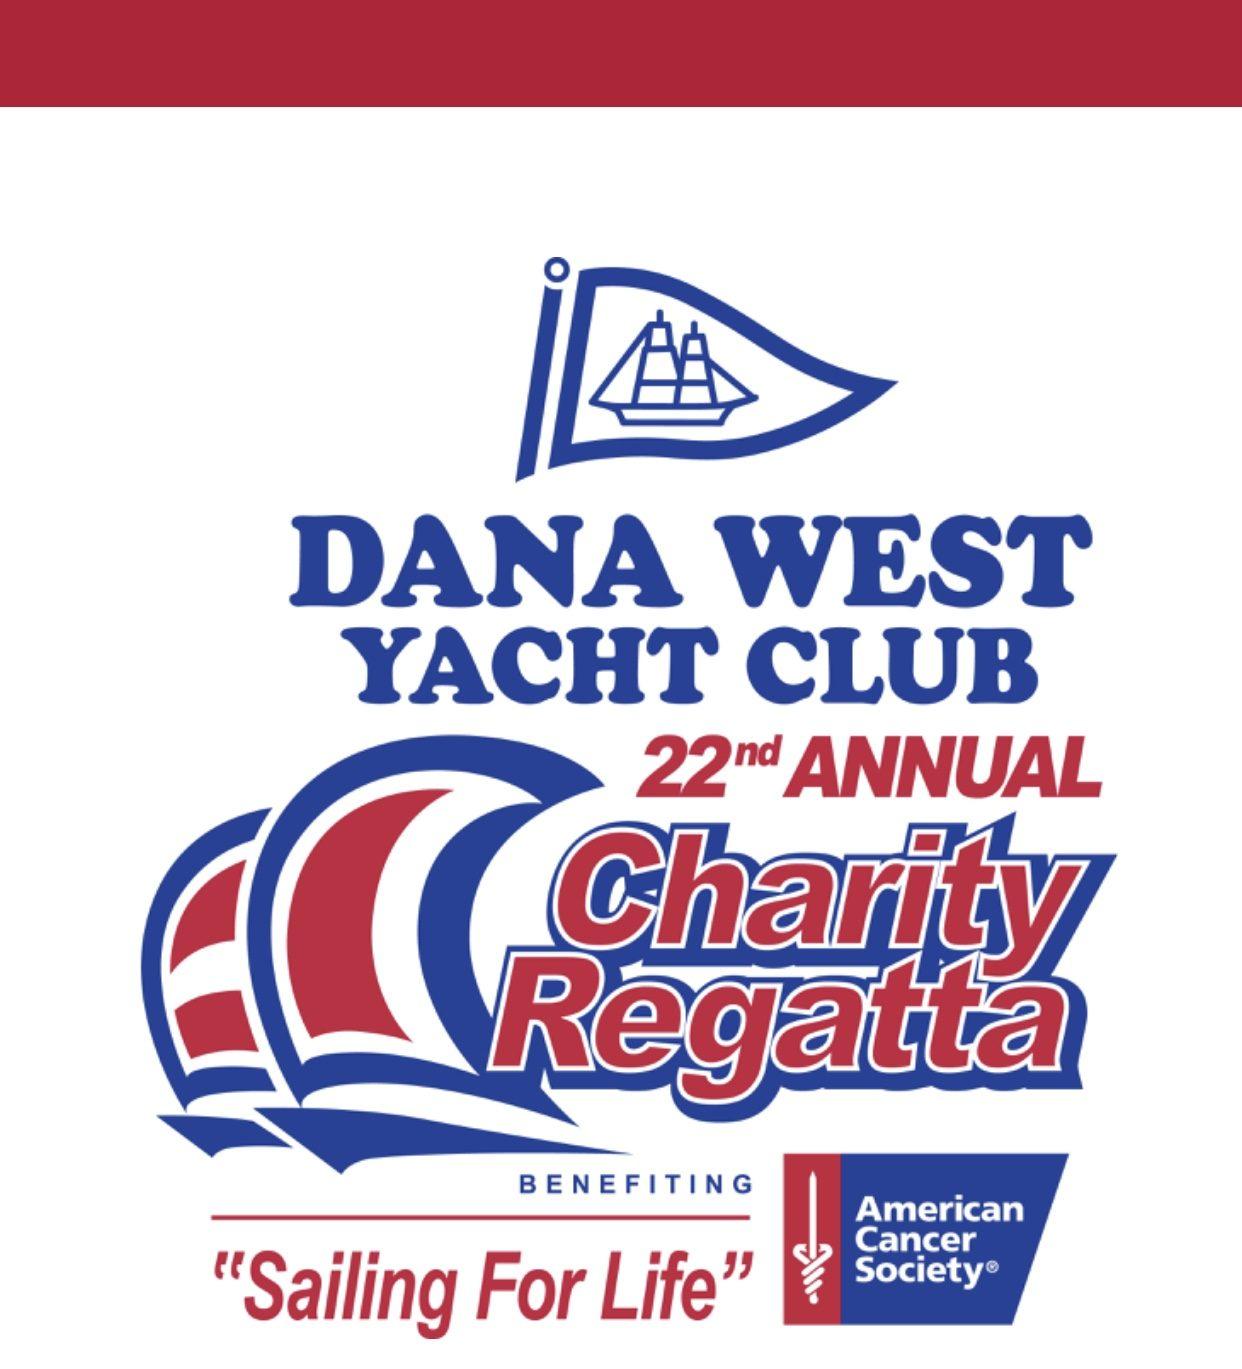 Dana West Yacht Club 22nd Annual Charity Regatta